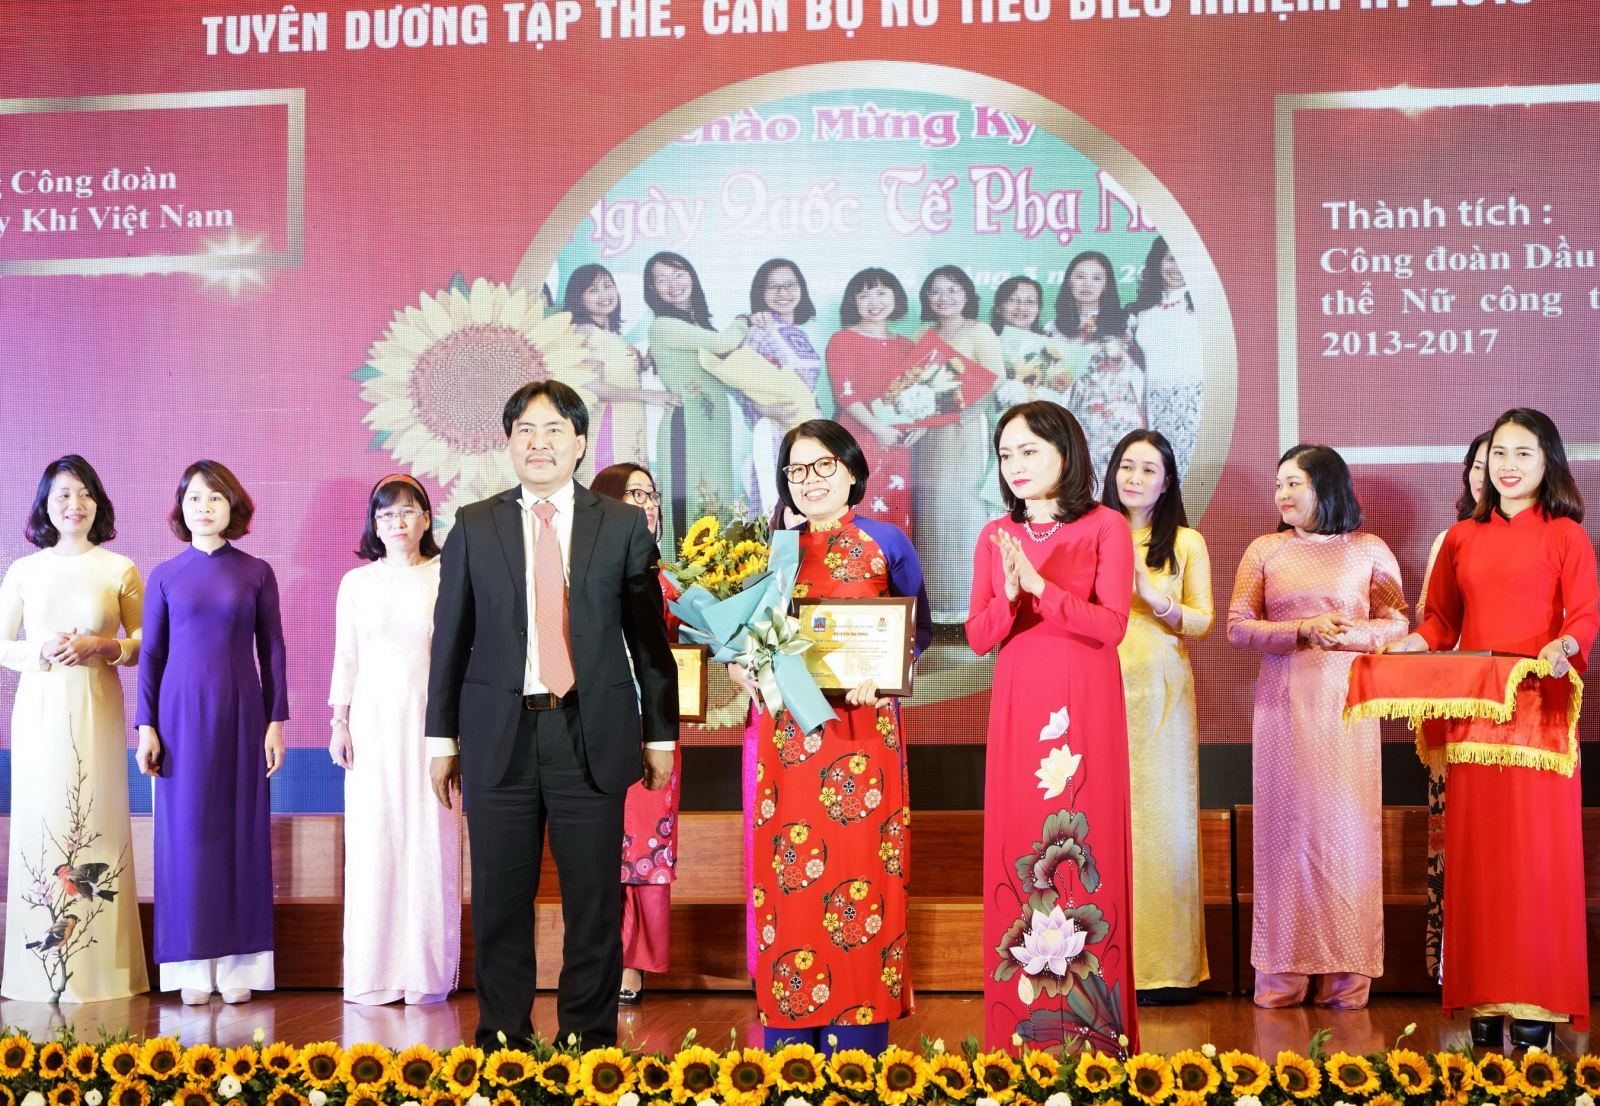 Công đoàn PV GAS: Nhận khen thưởng Tập thể Ban Nữ công và 2 cán bộ nữ xuất sắc nhiệm kỳ V (2013-2018)